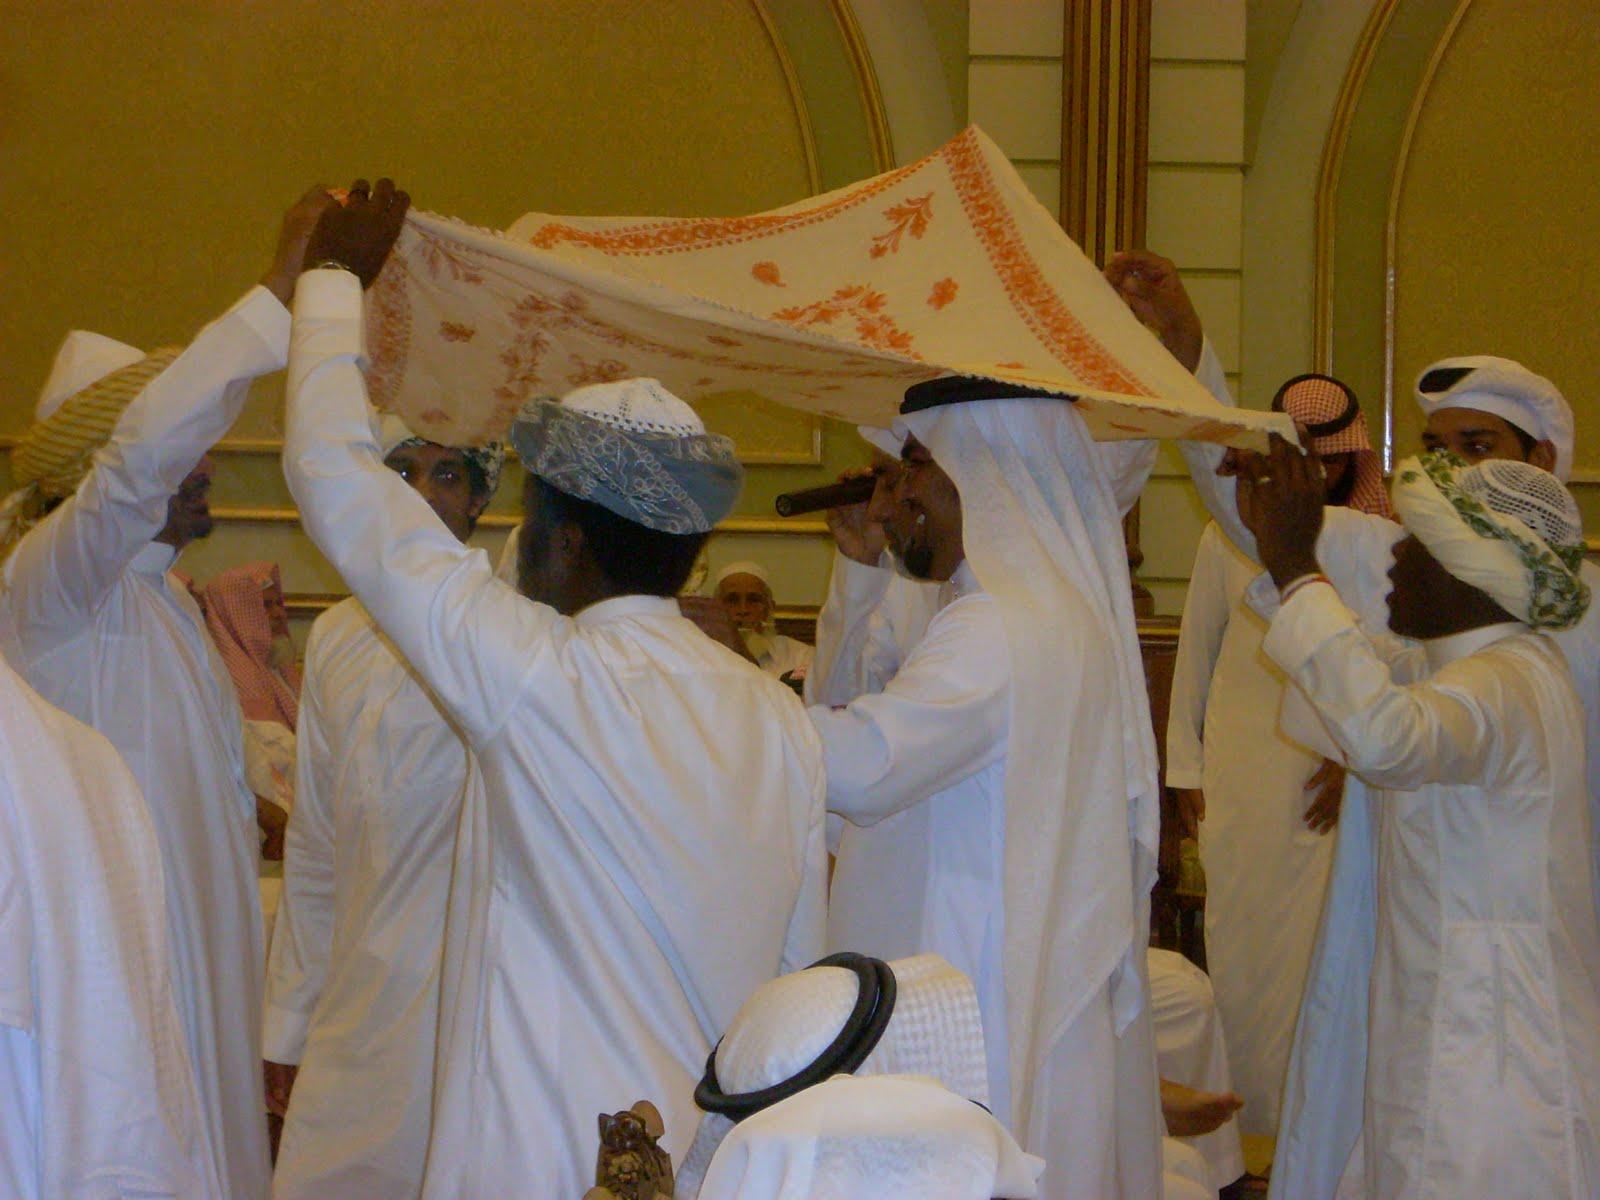 Арабская свадьба : описание, традиции, обычаи и особенности 578